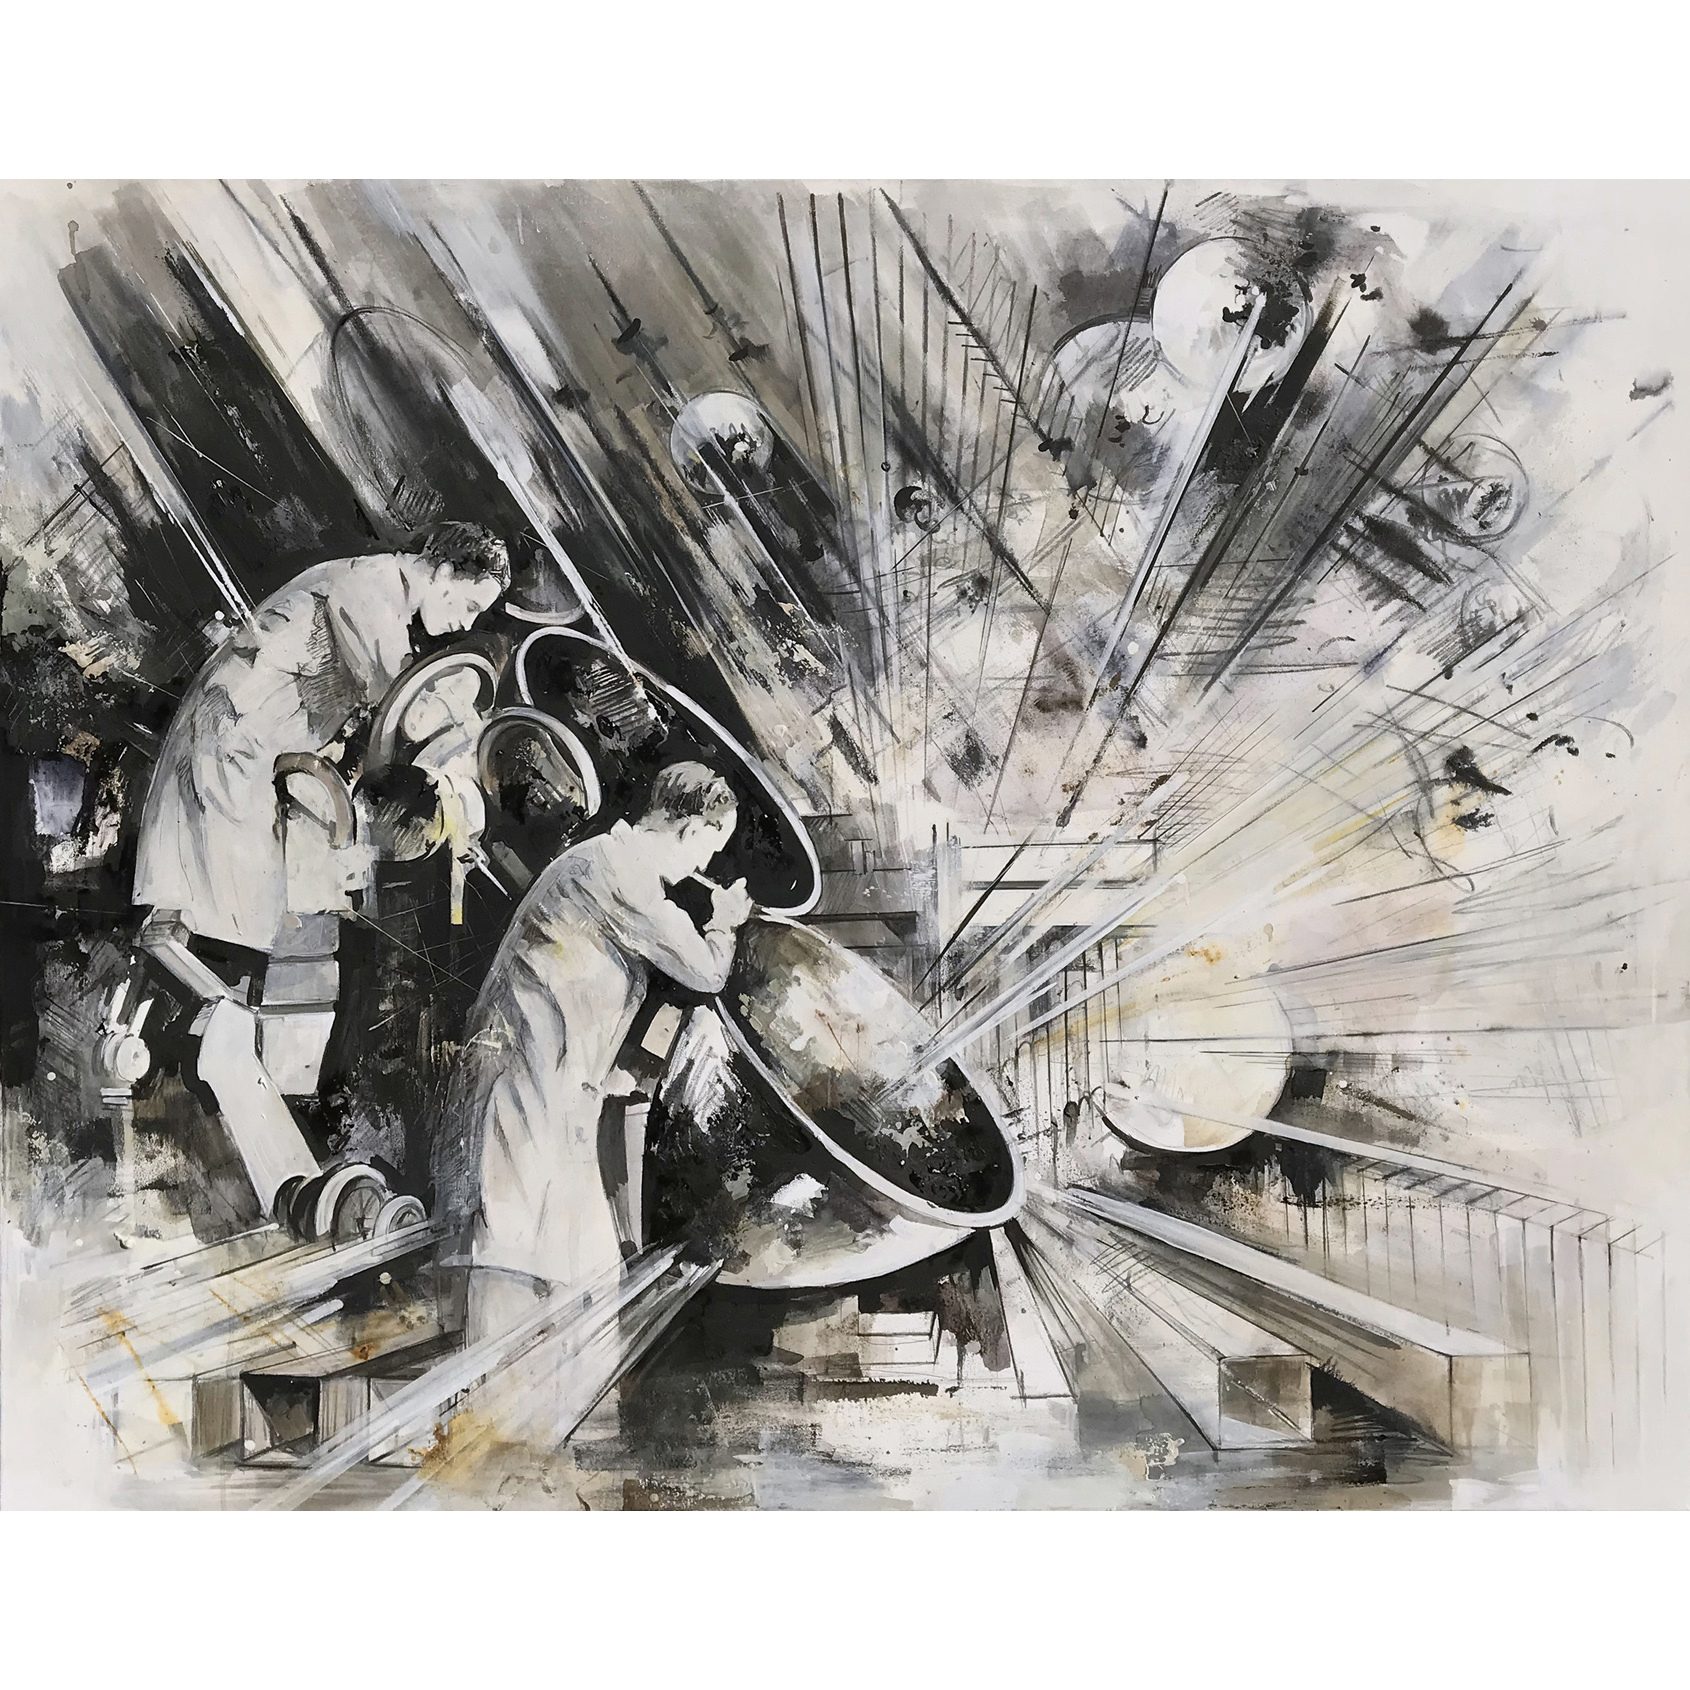 Utopia XXIII, 110 x 145 cm,  Öl, Stifte, Tusche auf Leinwand, 2019